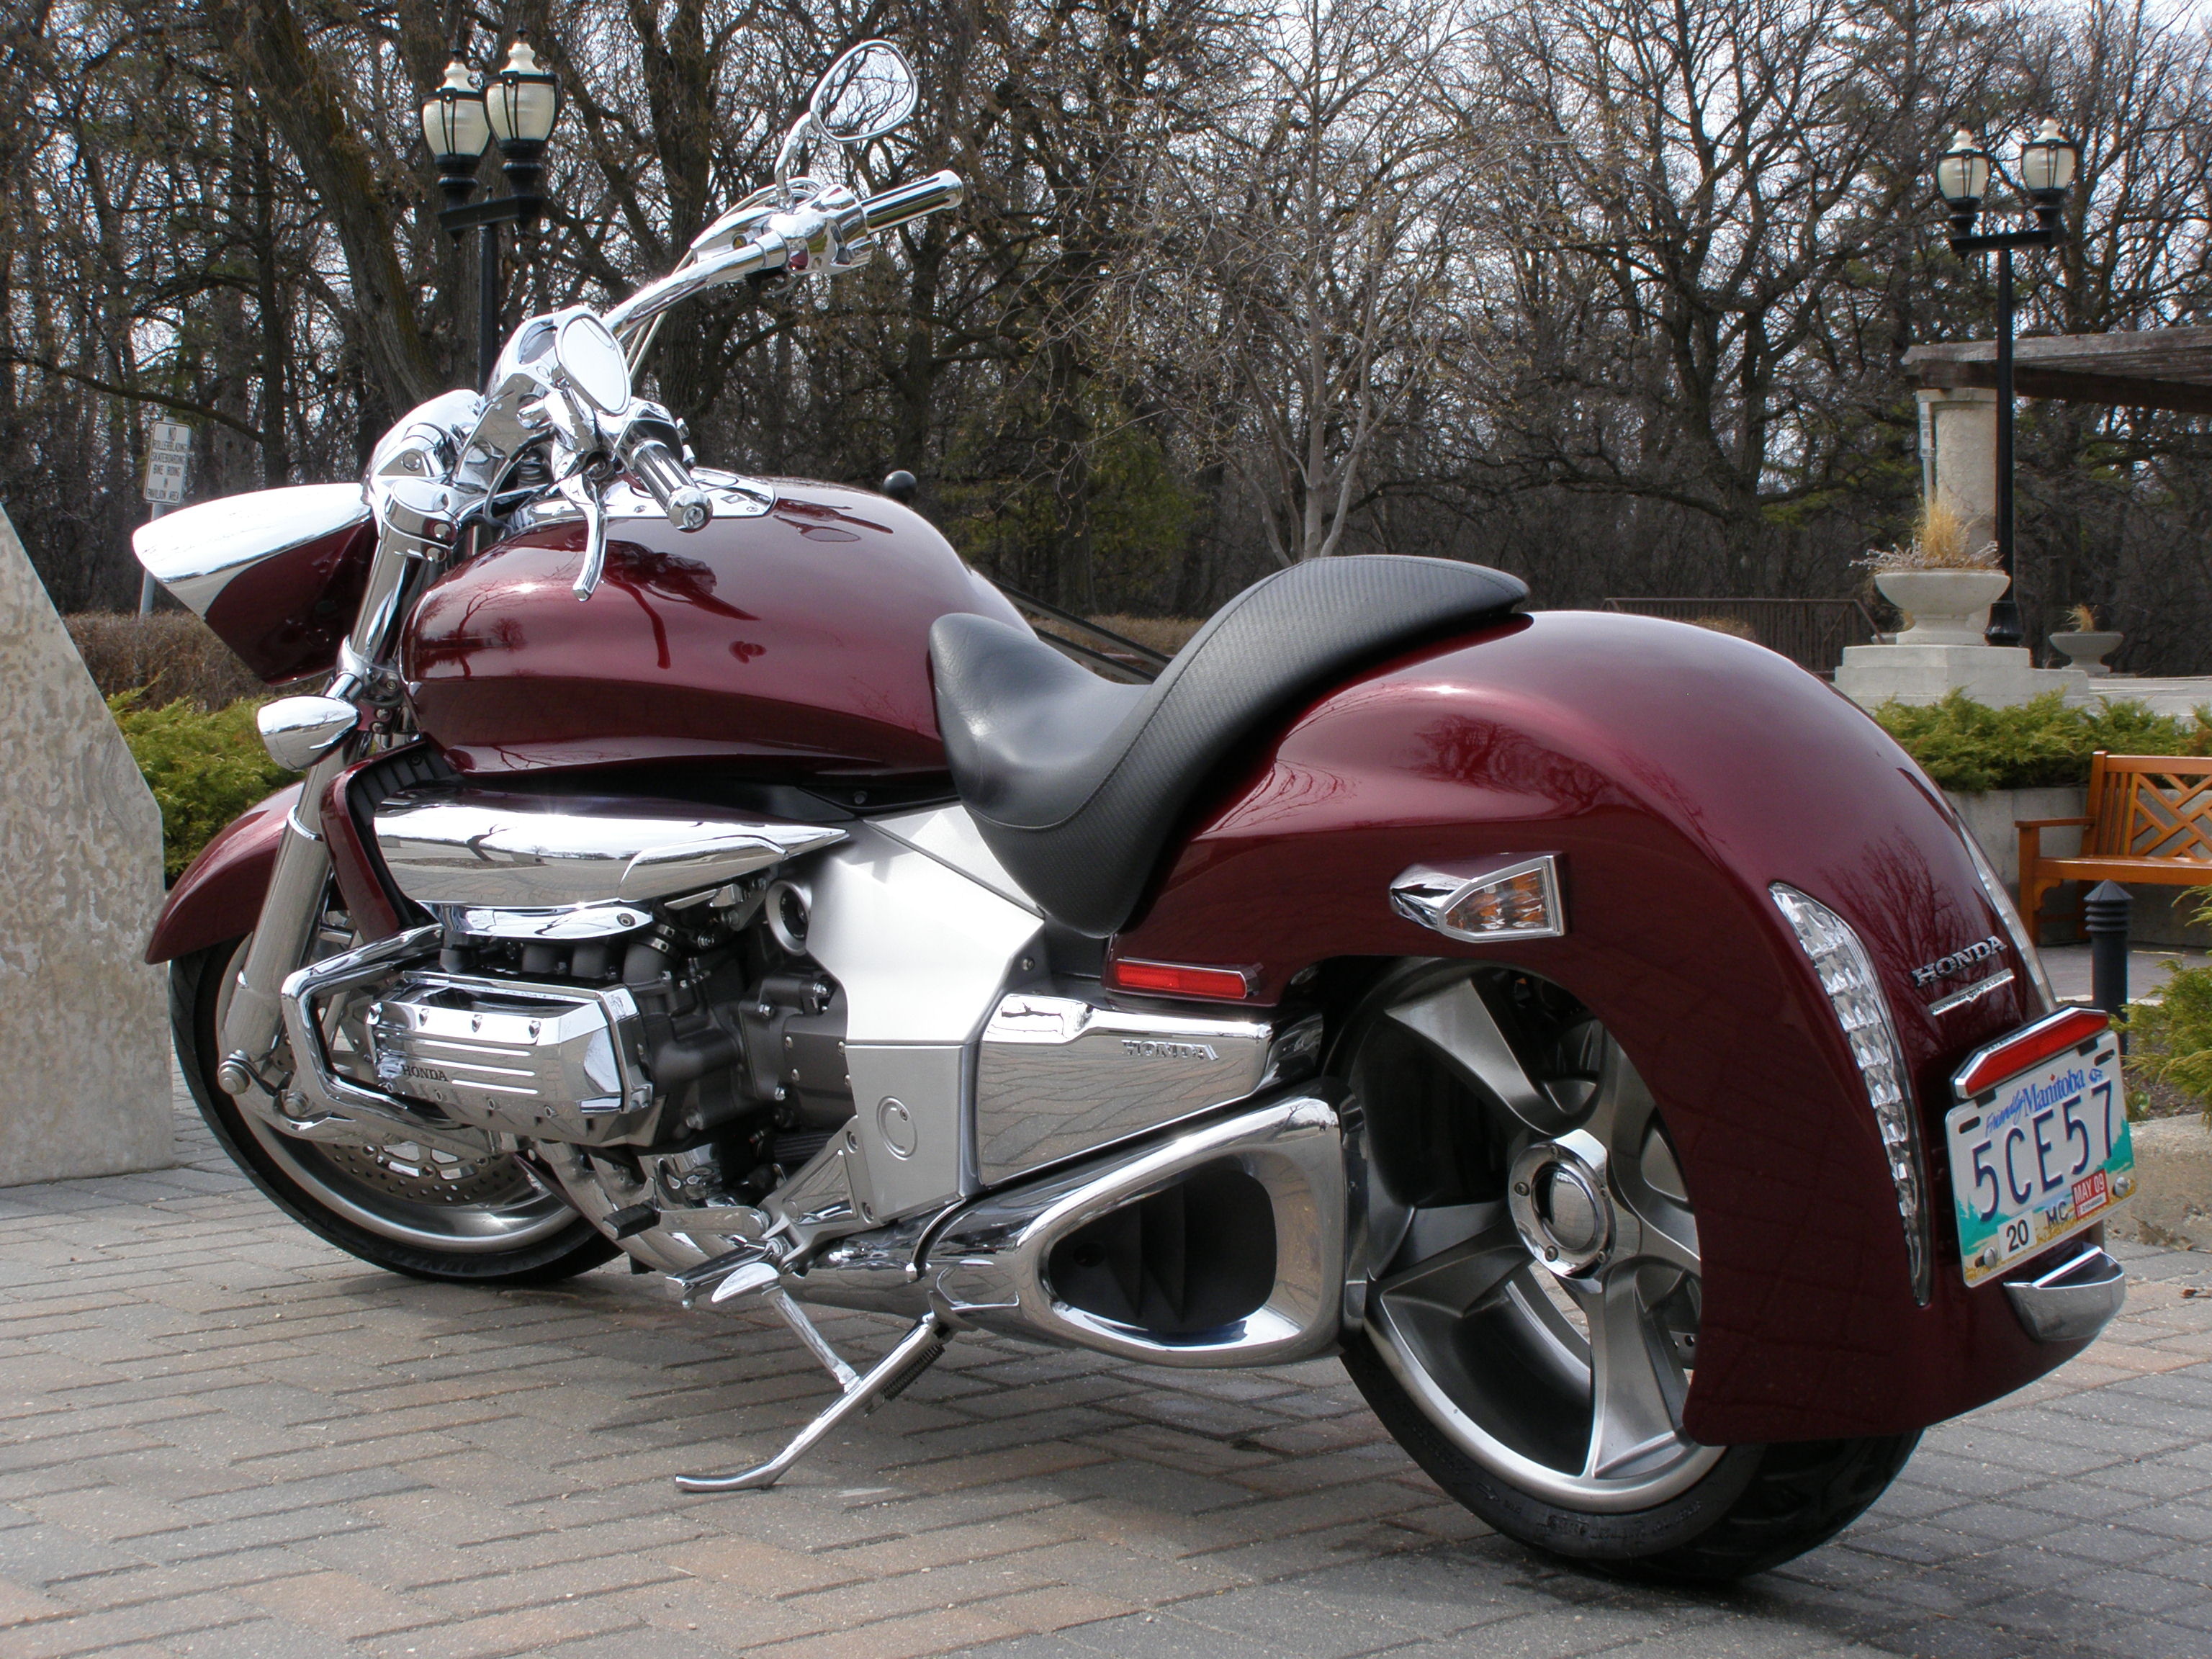 2005 Honda Rune for sale